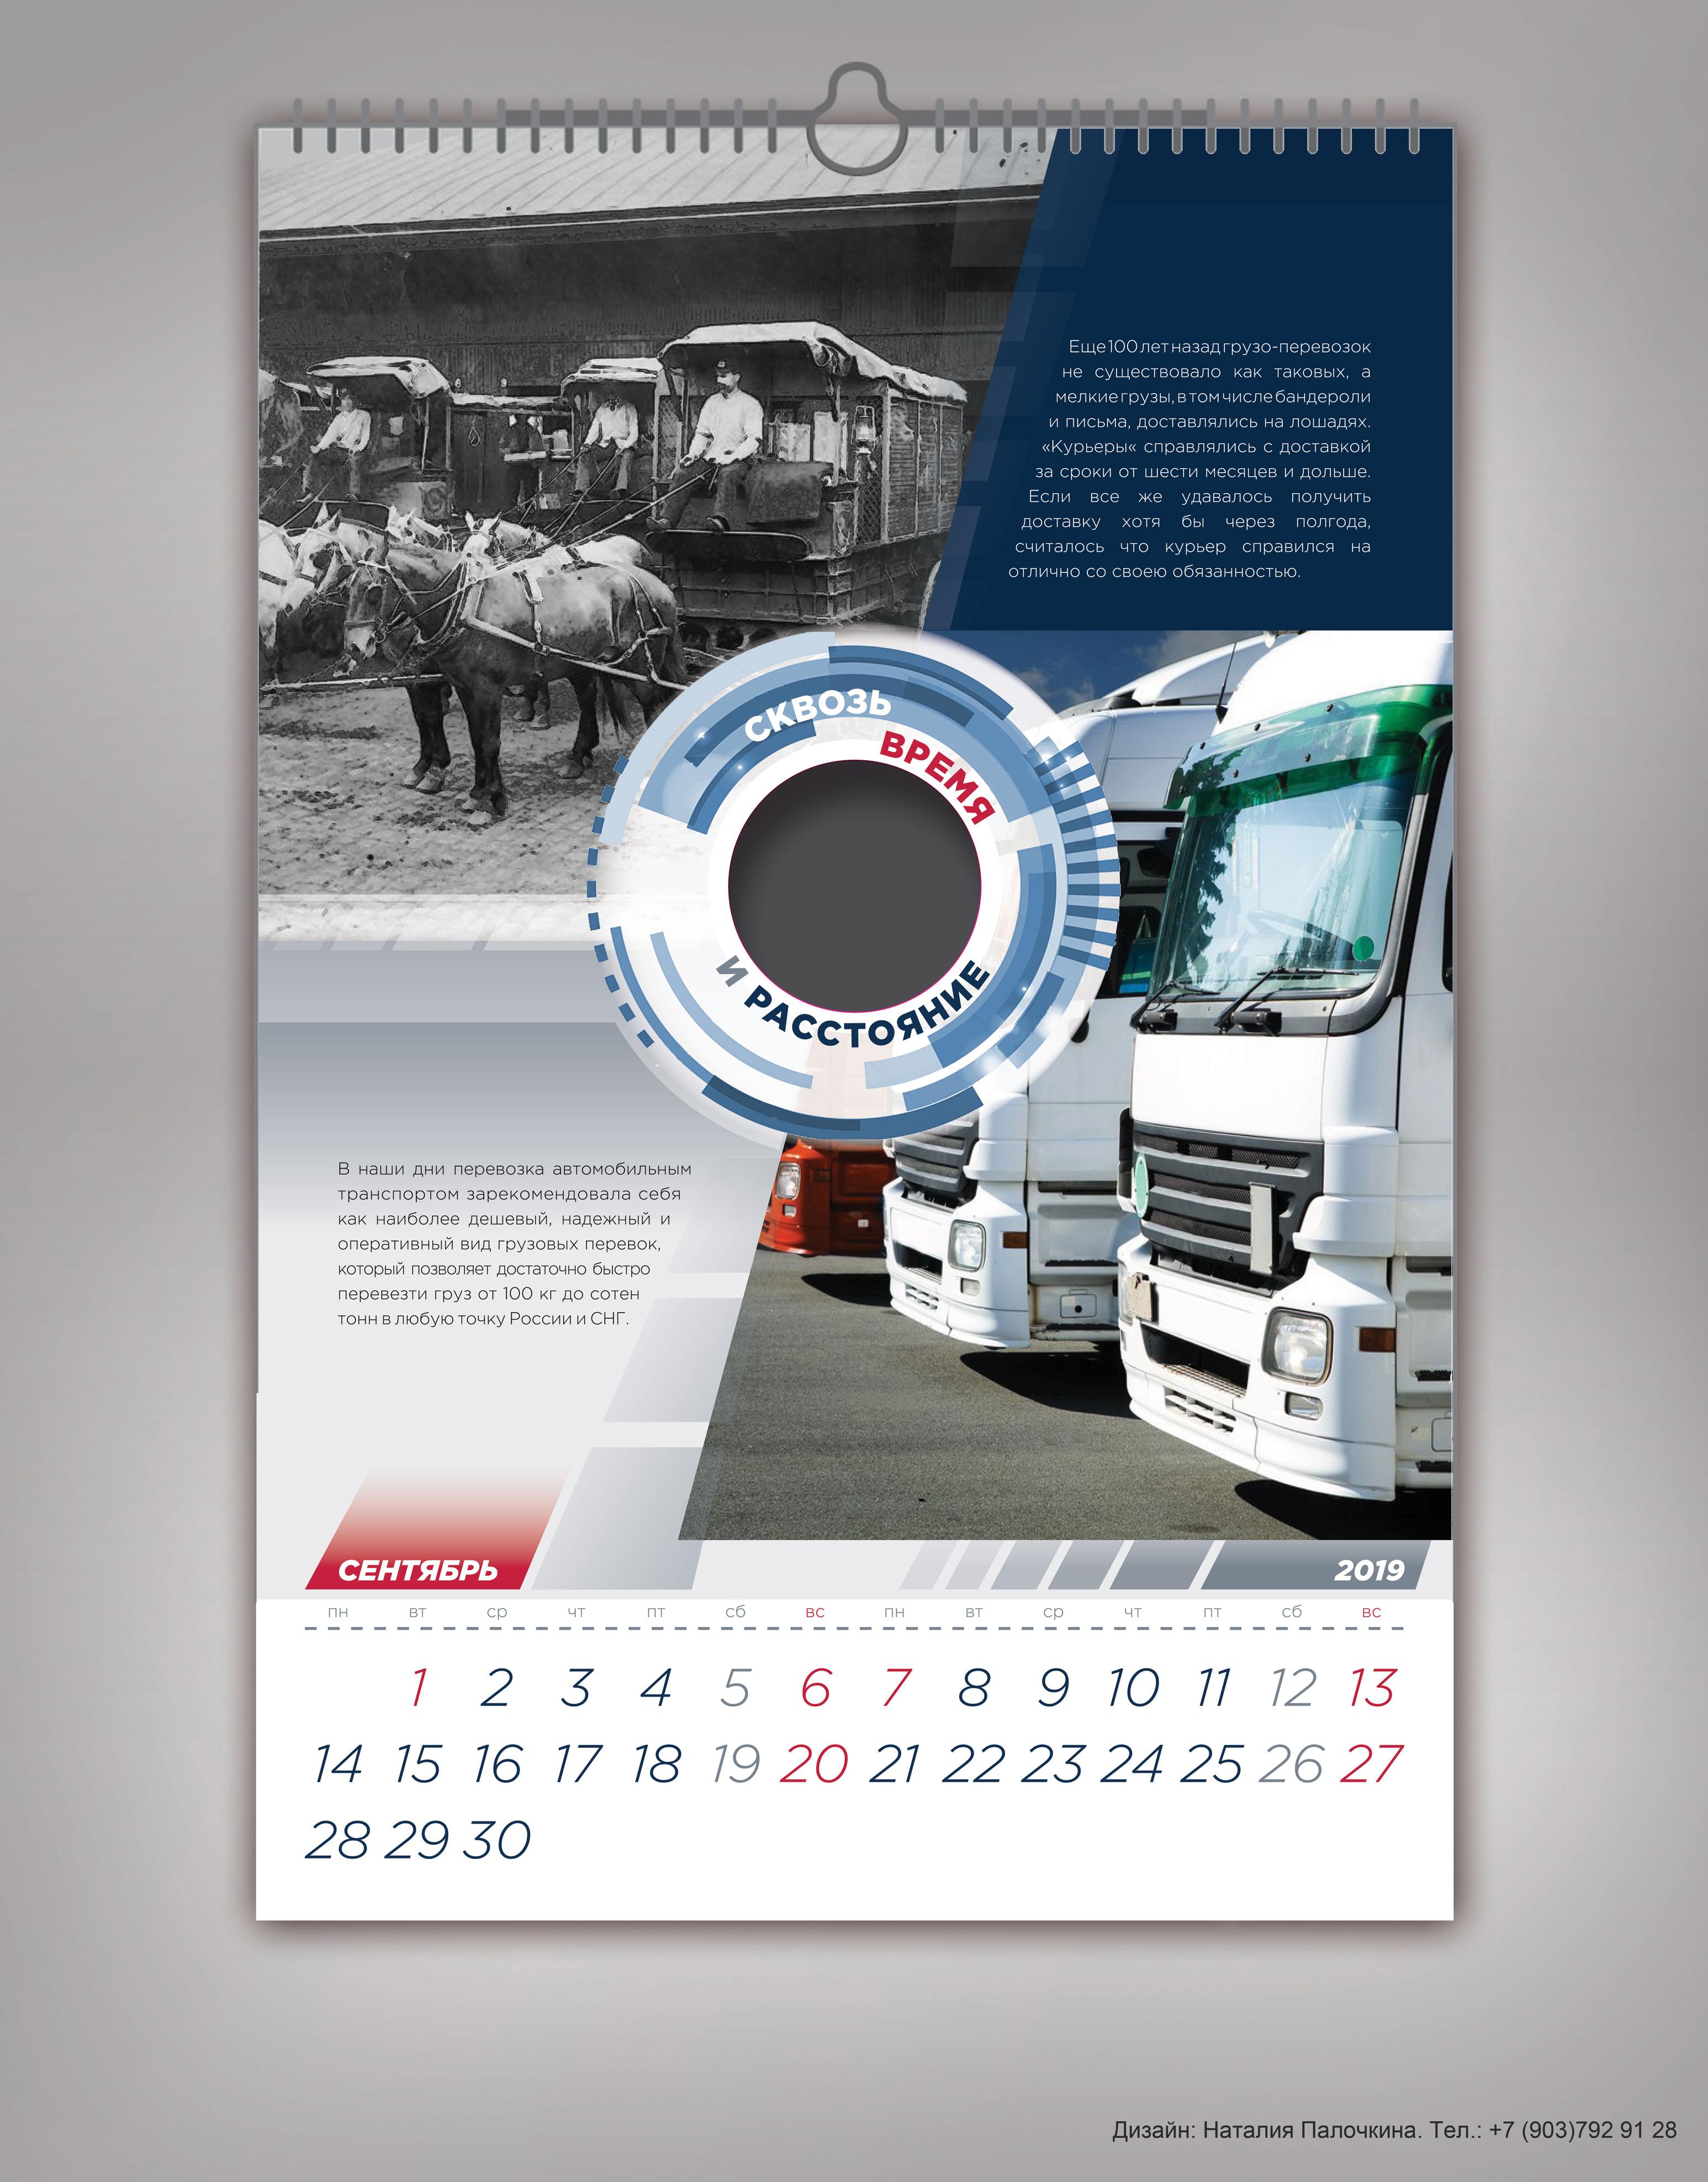 Дизайн корпоративного календаря фото f_2255bed0f53dbd5f.jpg